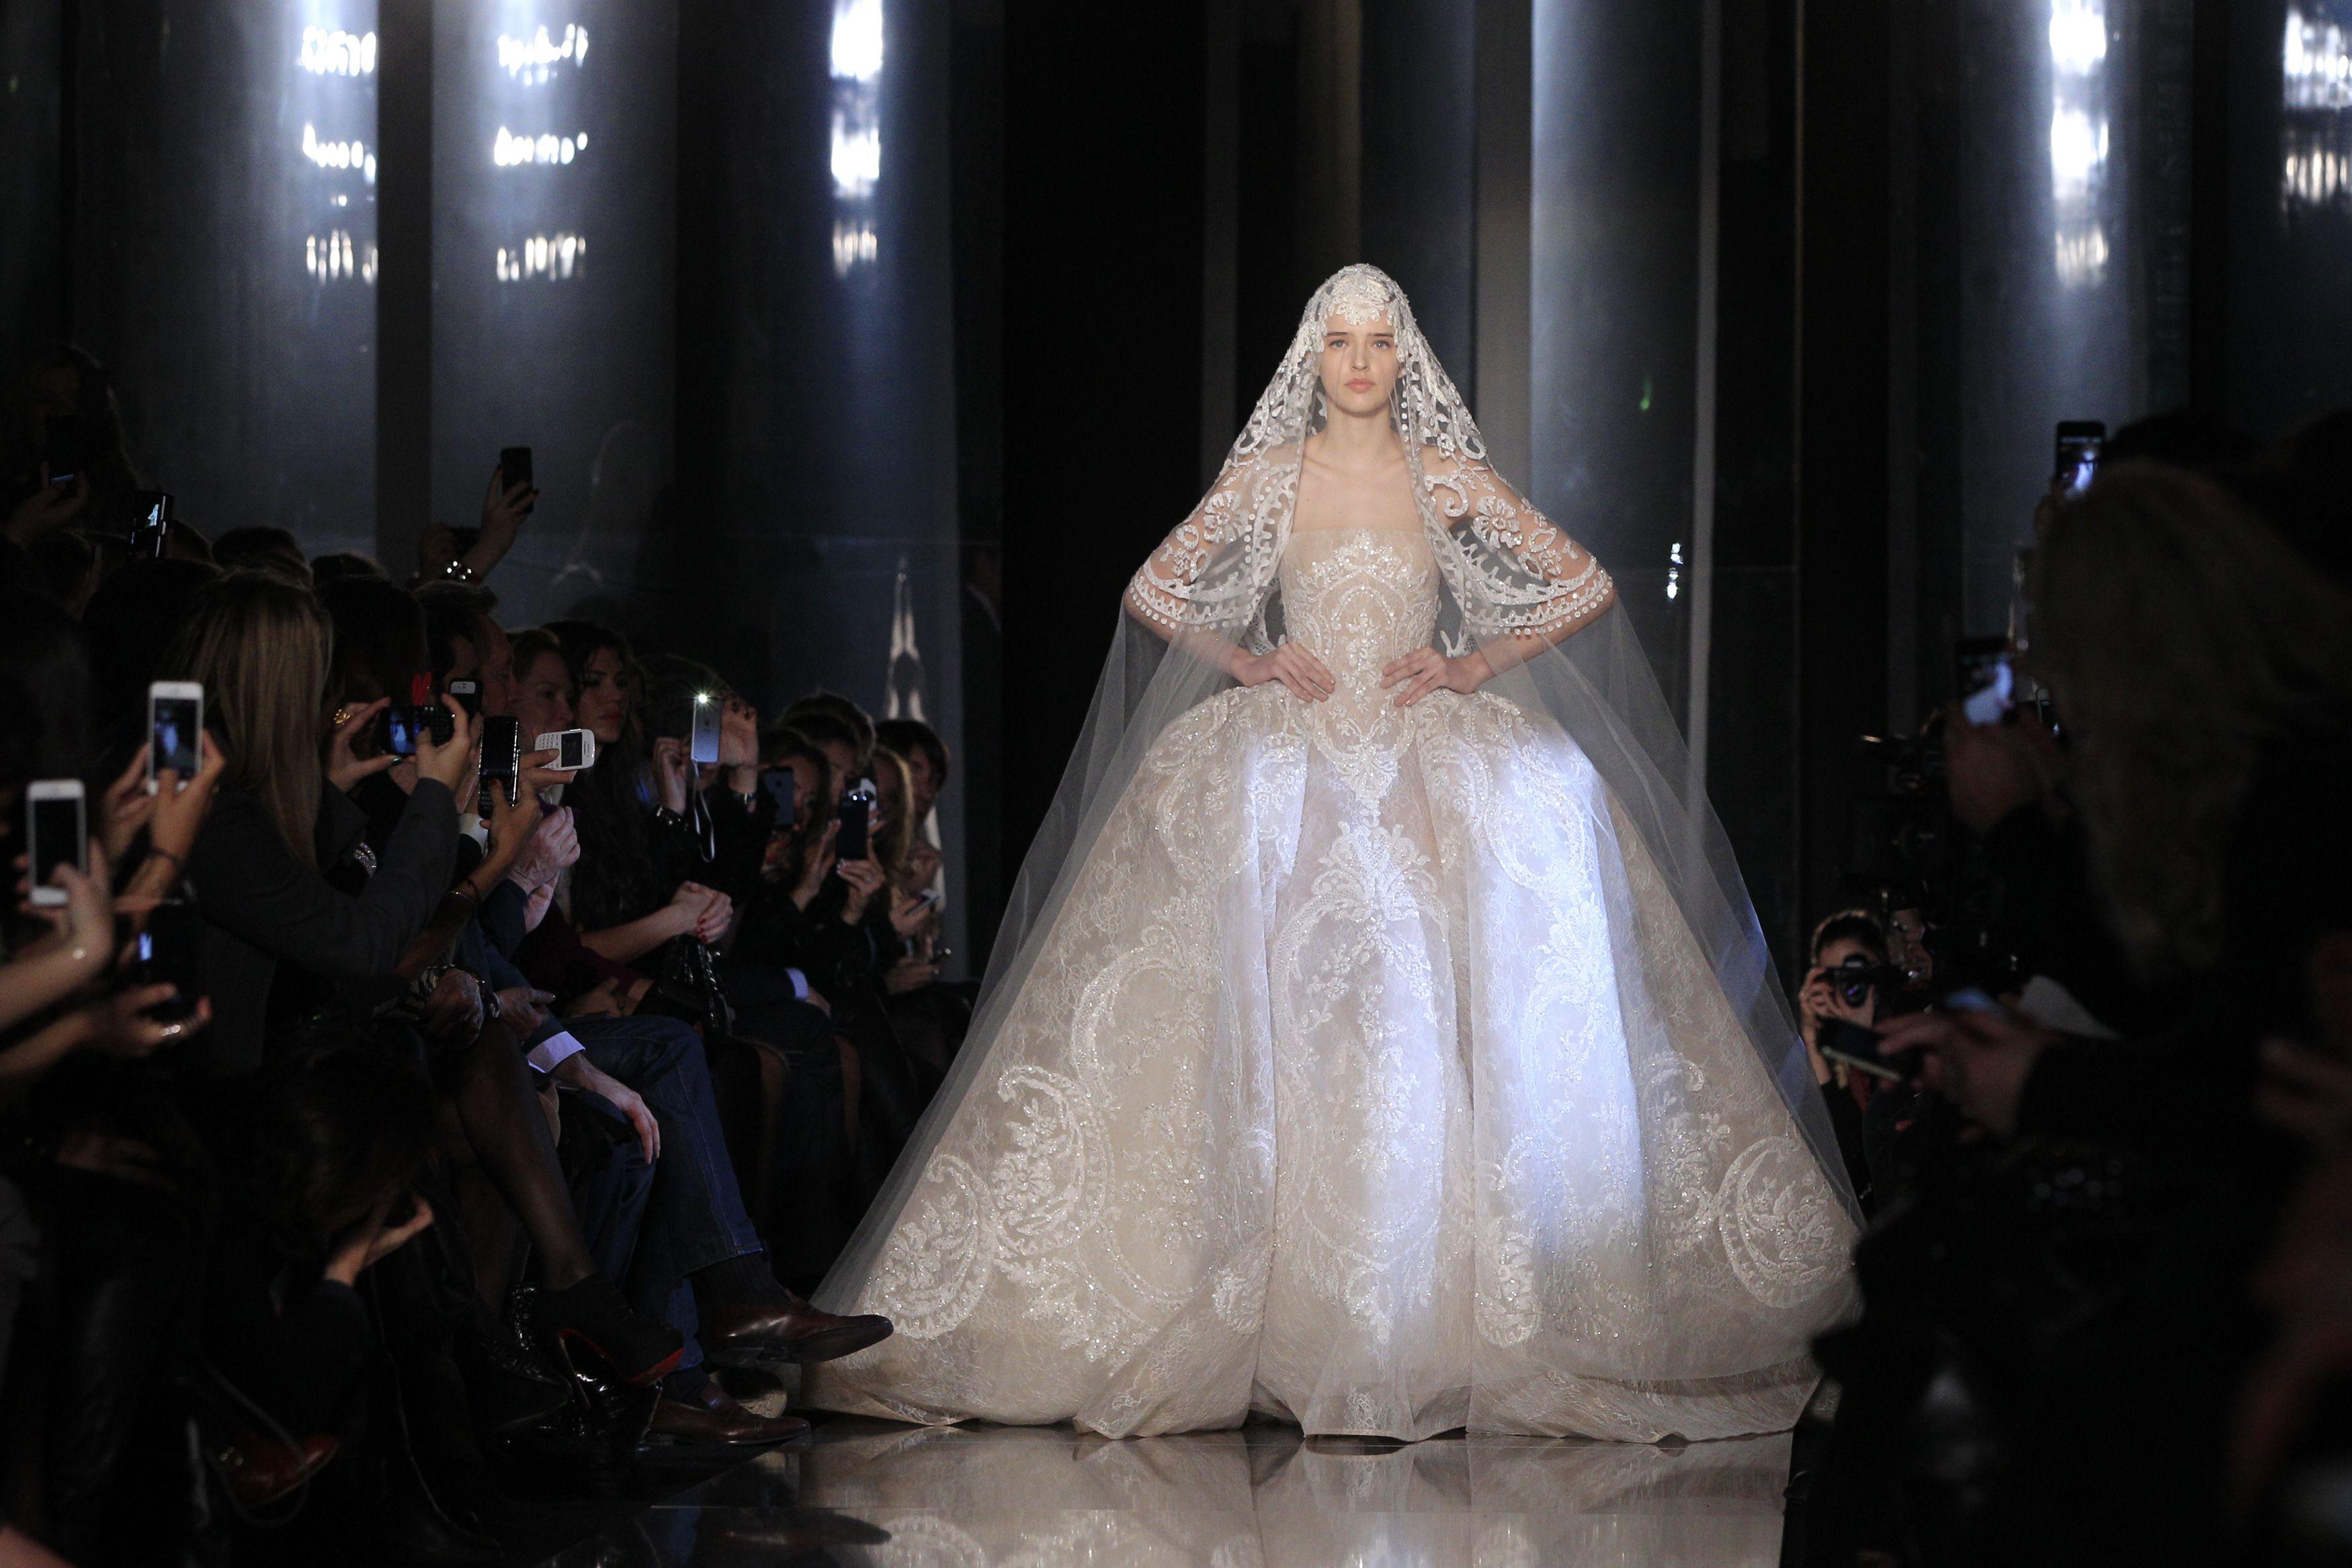 A noiva do estilista, tradição que encerra todos os desfiles de alta-costura, veio toda trabalhada em uma delicada renda e com anquinhas nos quadris